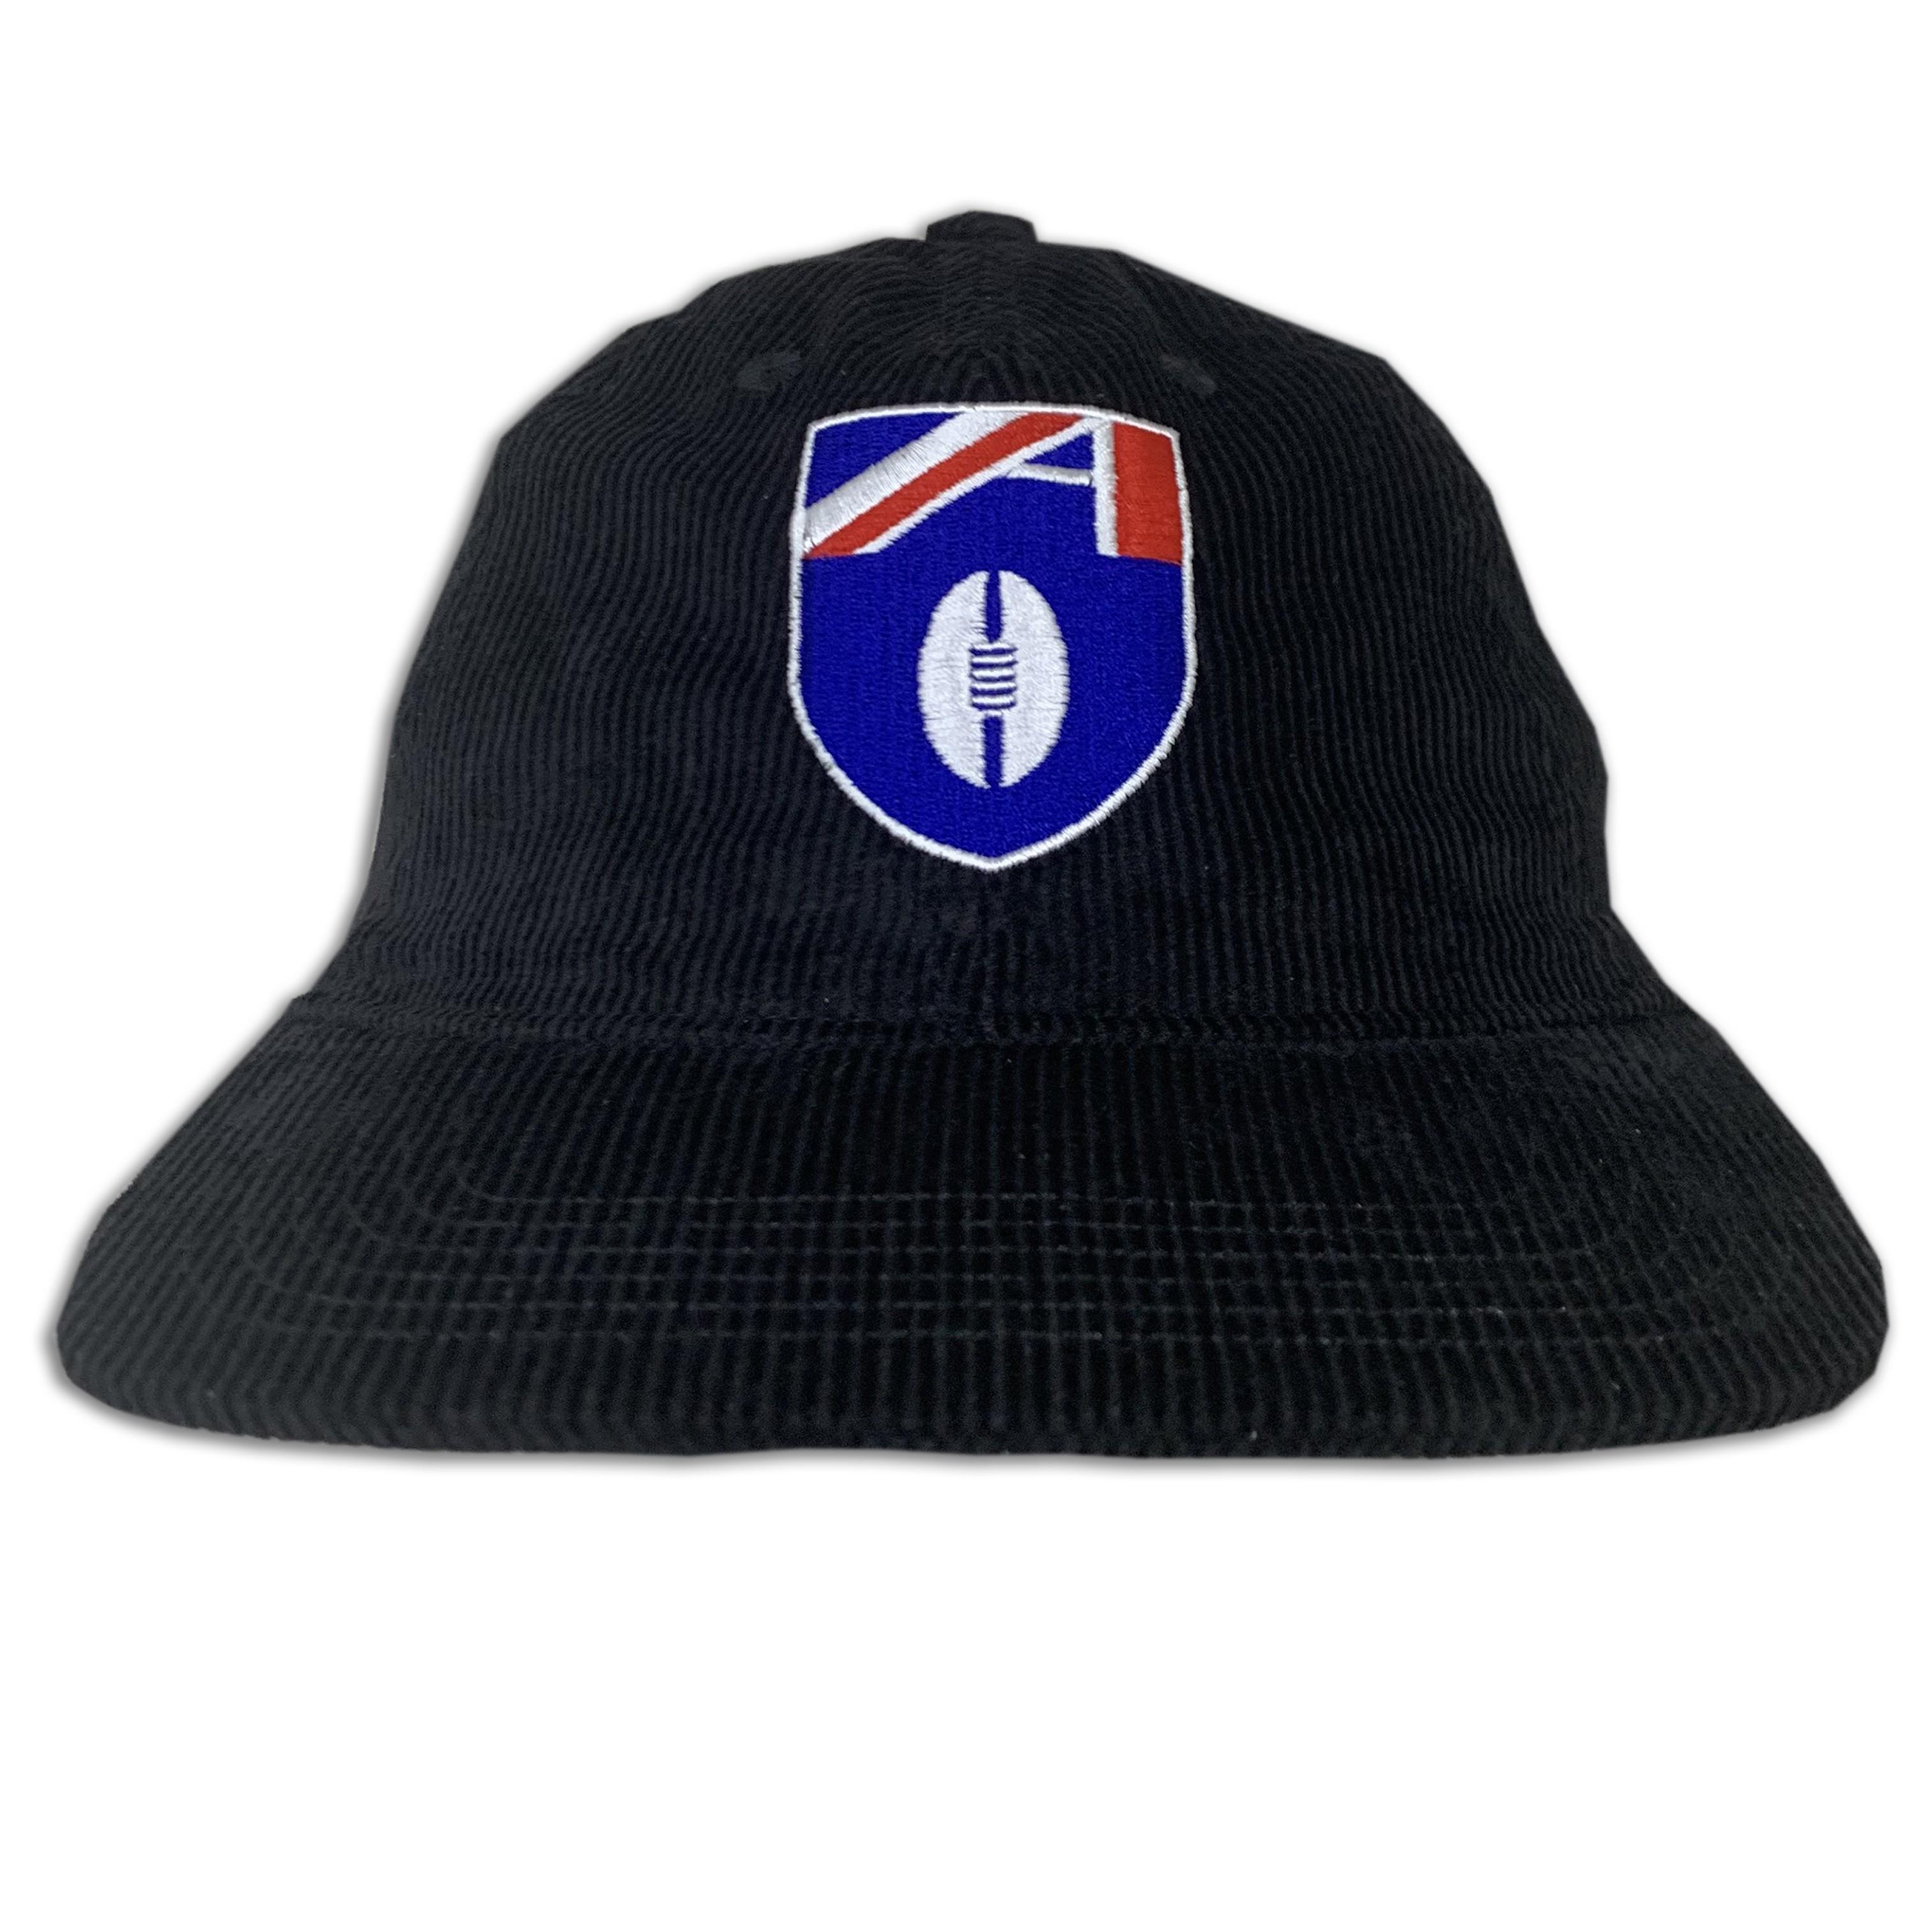 VINTAGE FOOTY BLACK CORD HAT